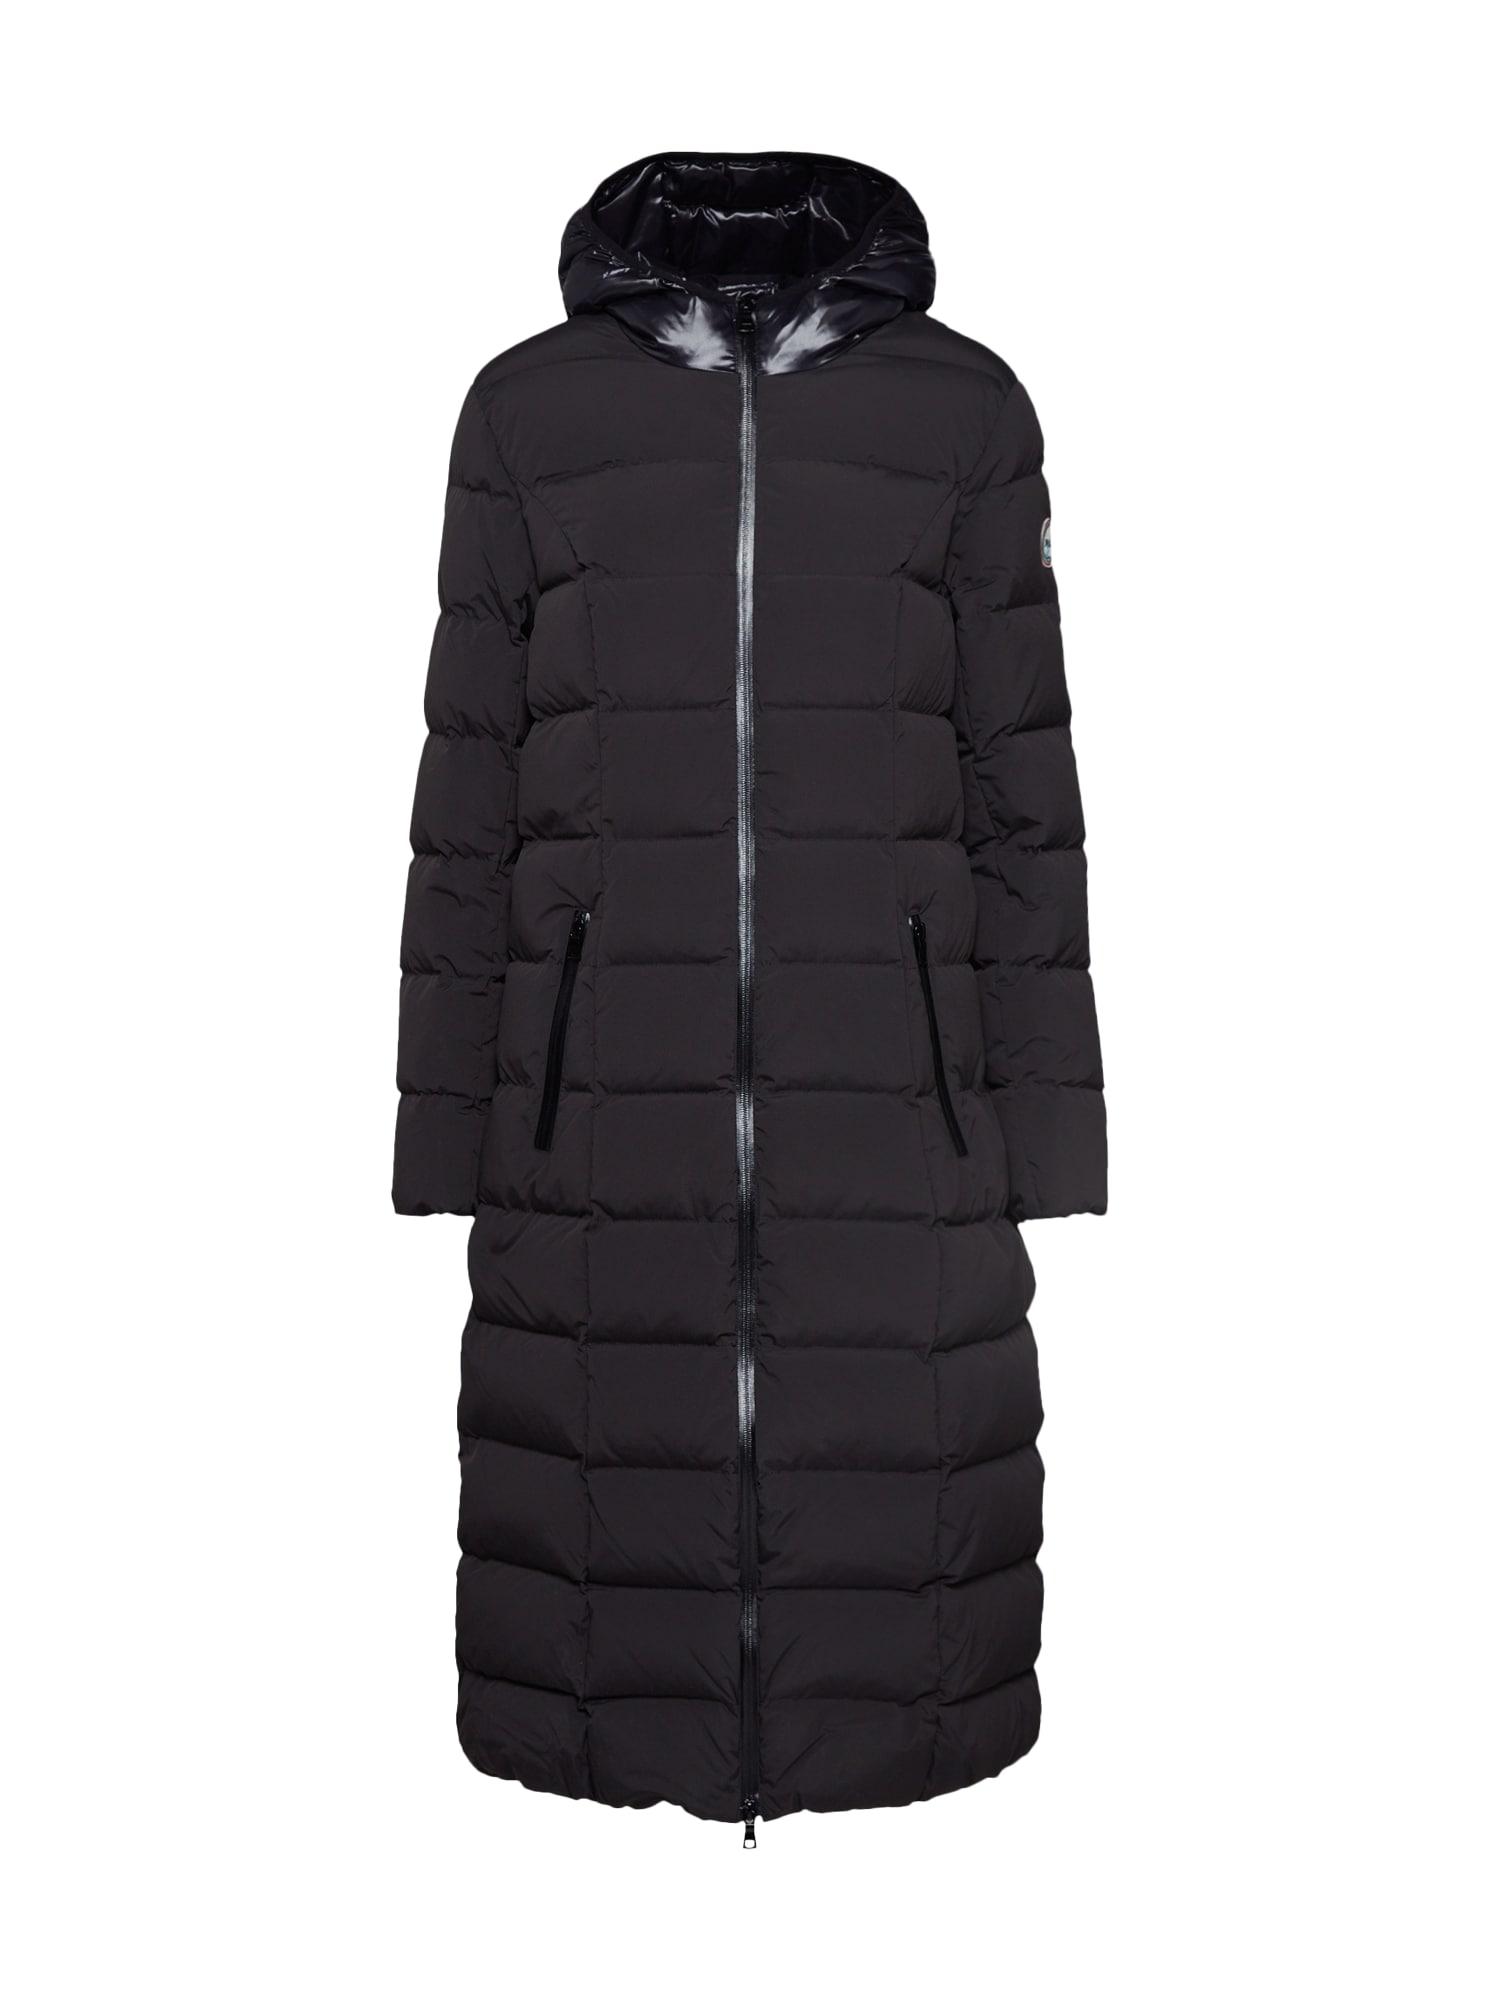 No. 1 Como Žieminis paltas 'SELINA' juoda